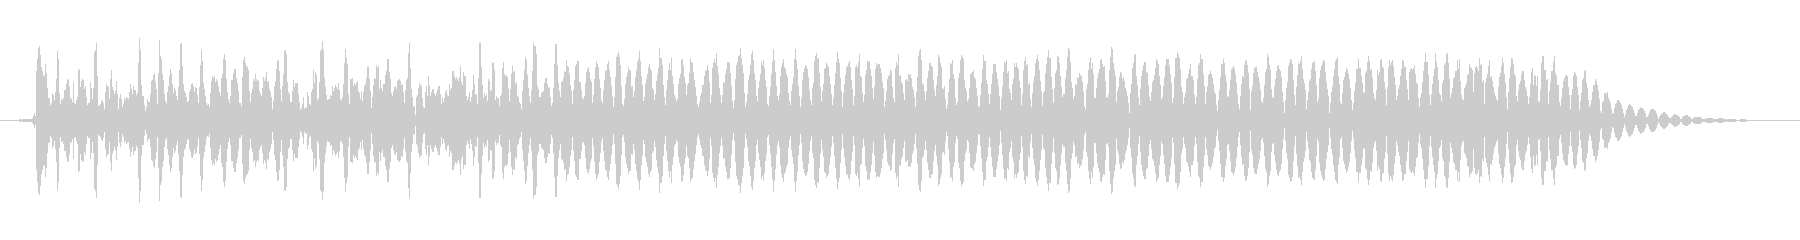 悪魔のような音声3の未再生の波形